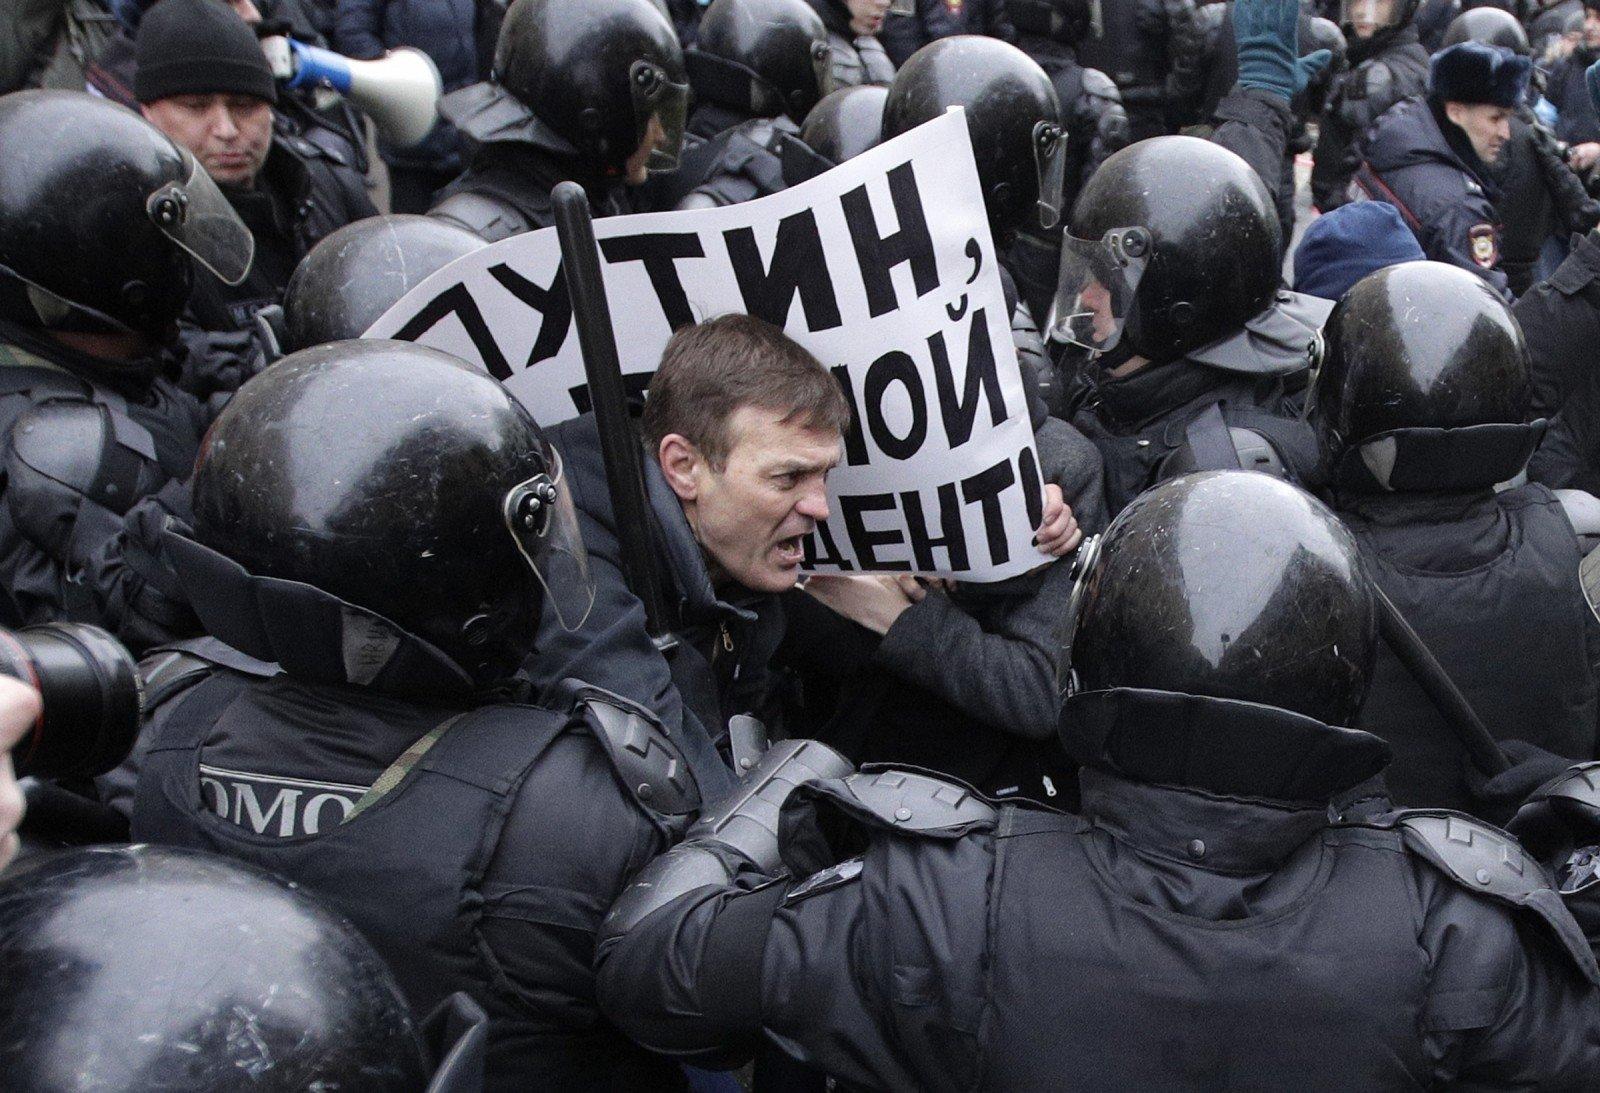 """Стомахмн: Запретительные тоталитарные законы существуют только благодаря """"силовикам"""" – и падают только вместе с ними"""